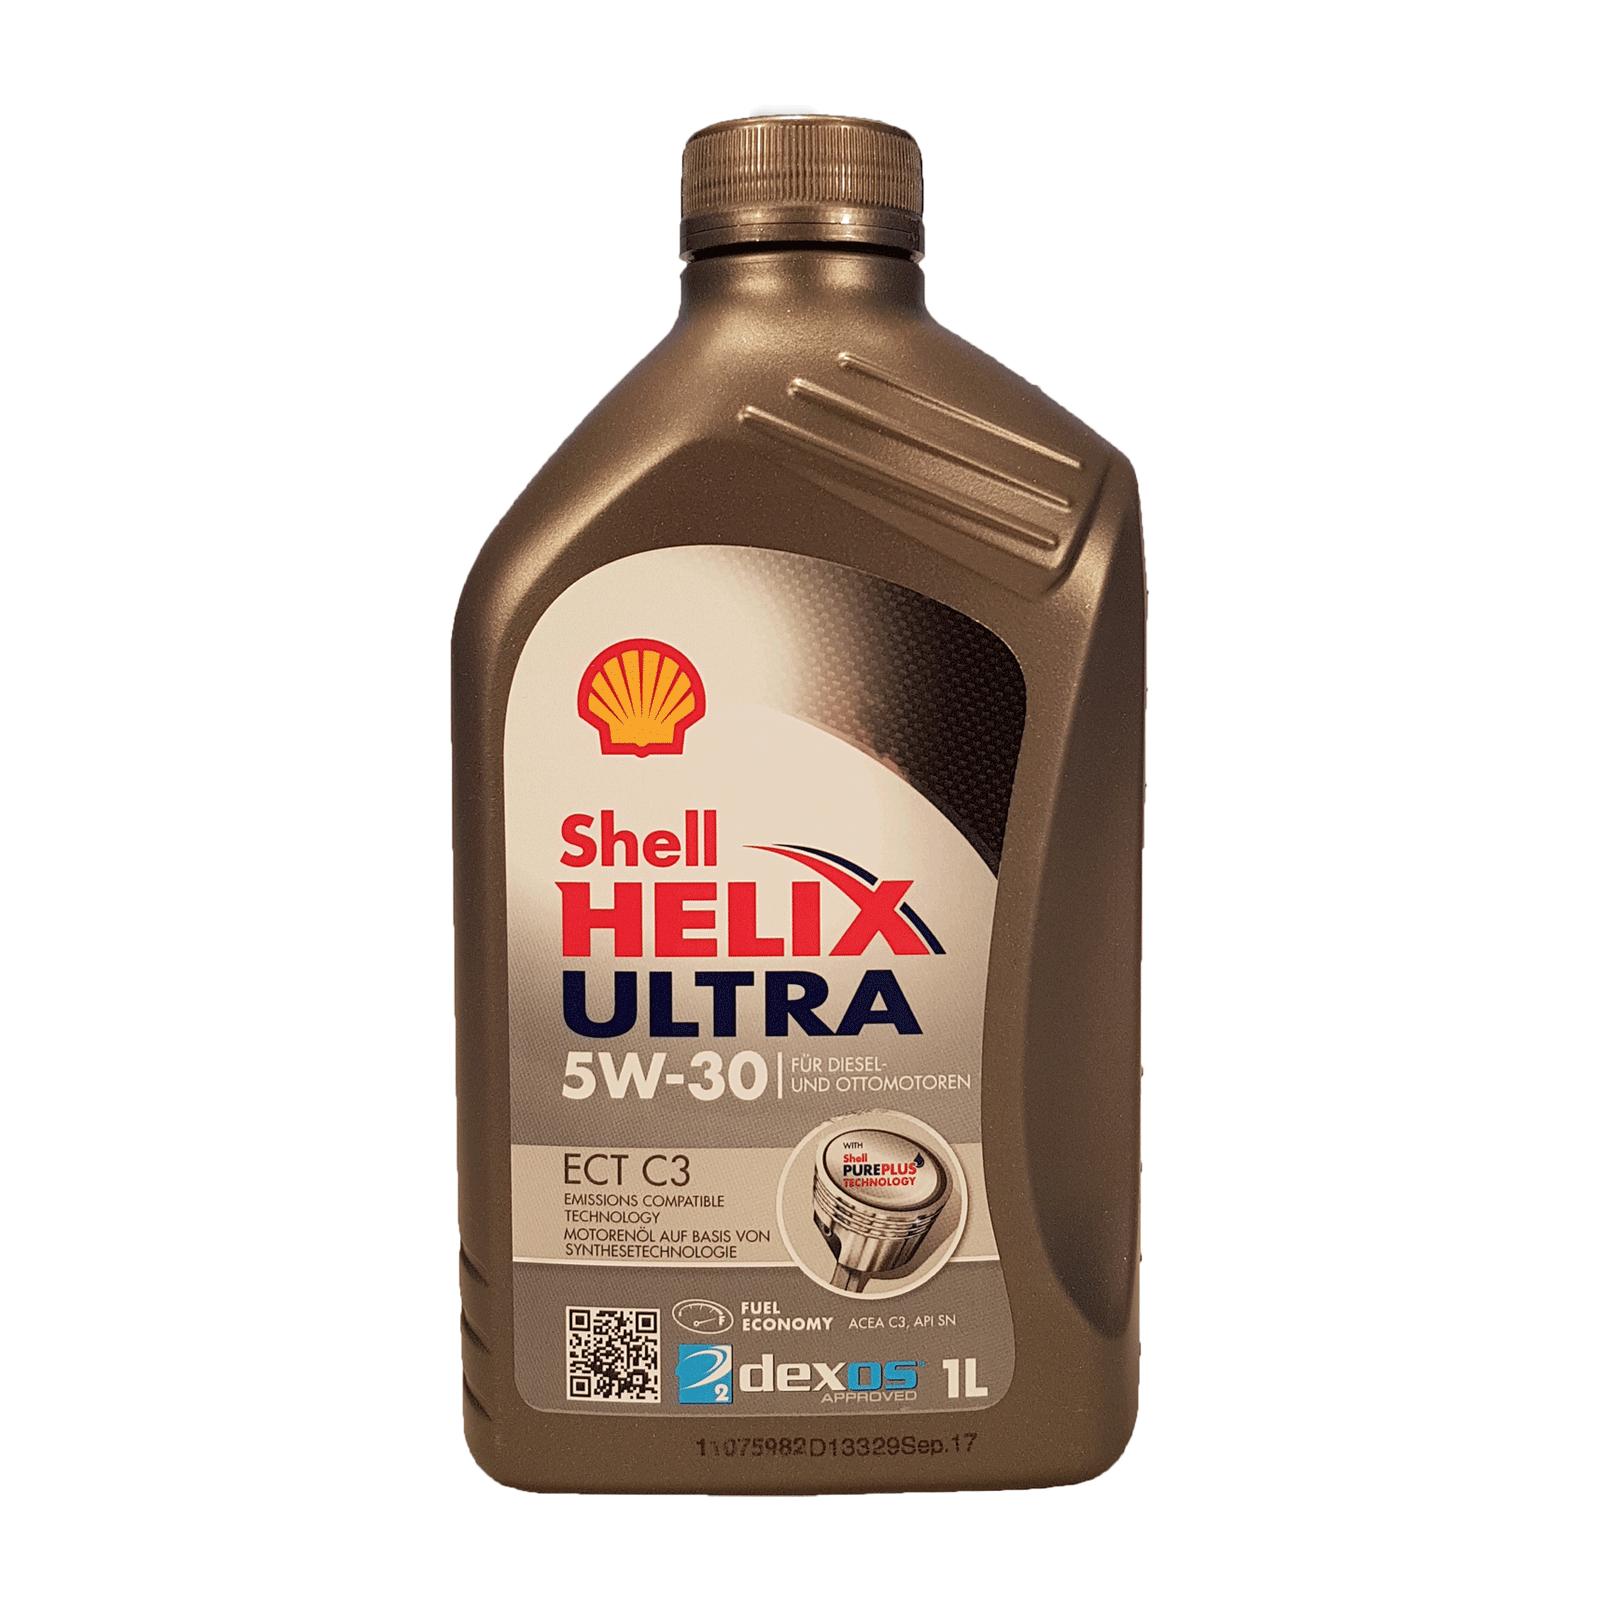 Shell Helix Ultra ECT C3 5W-30 - 1 Liter – Bild 1